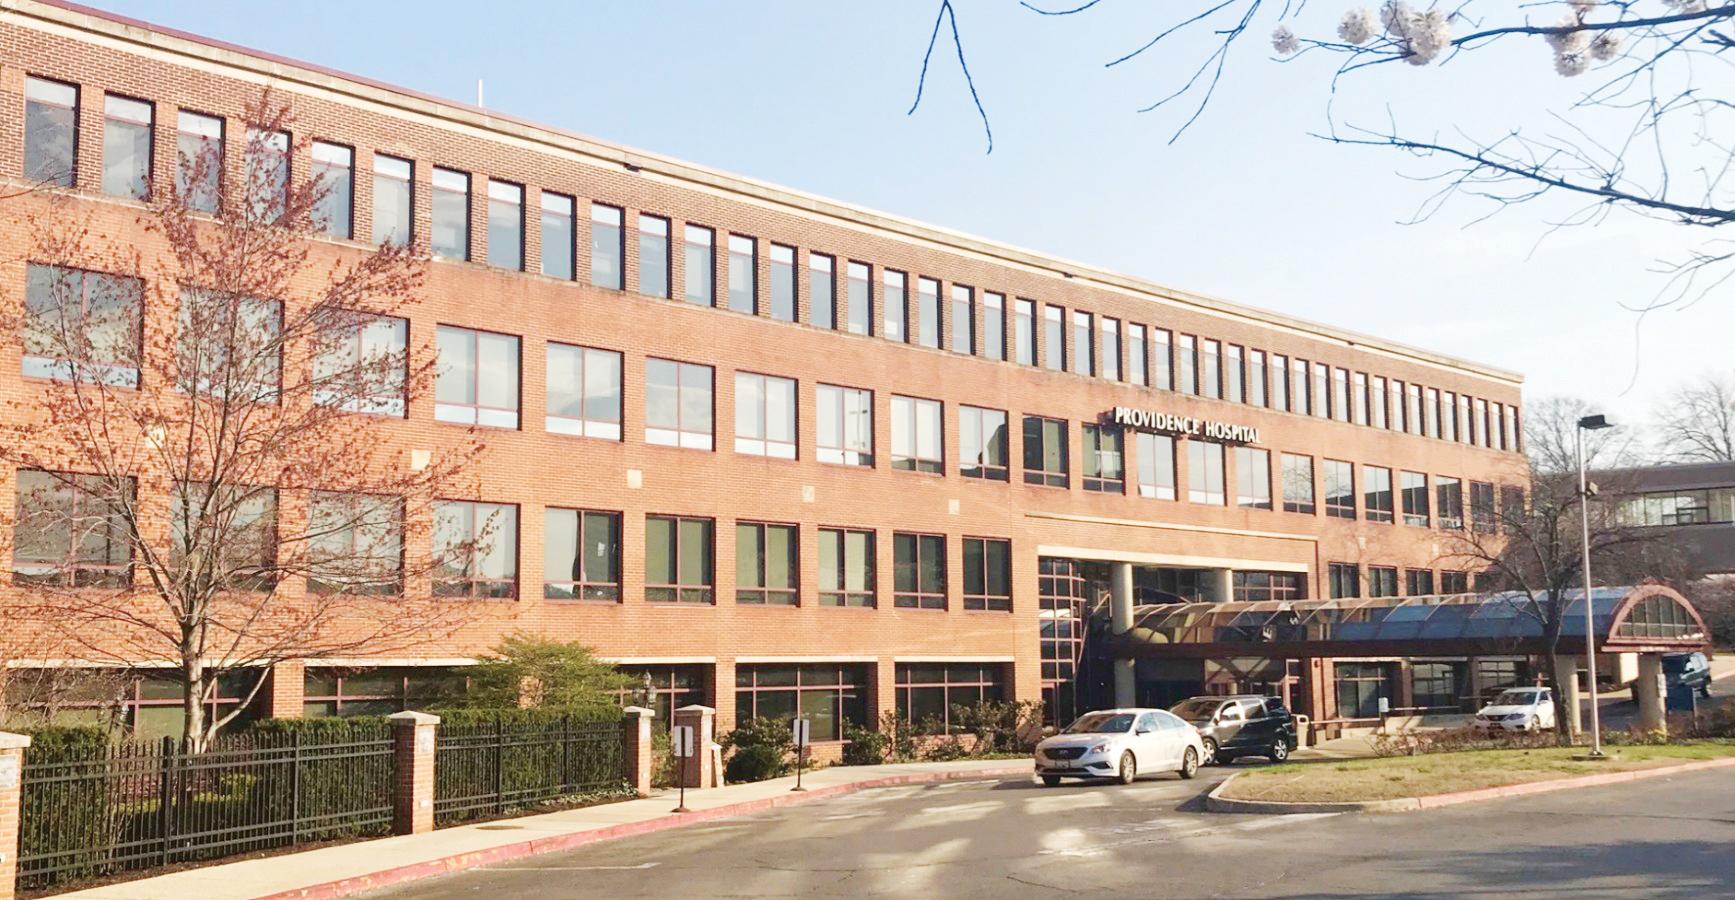 Cierran hospital Providence en DC